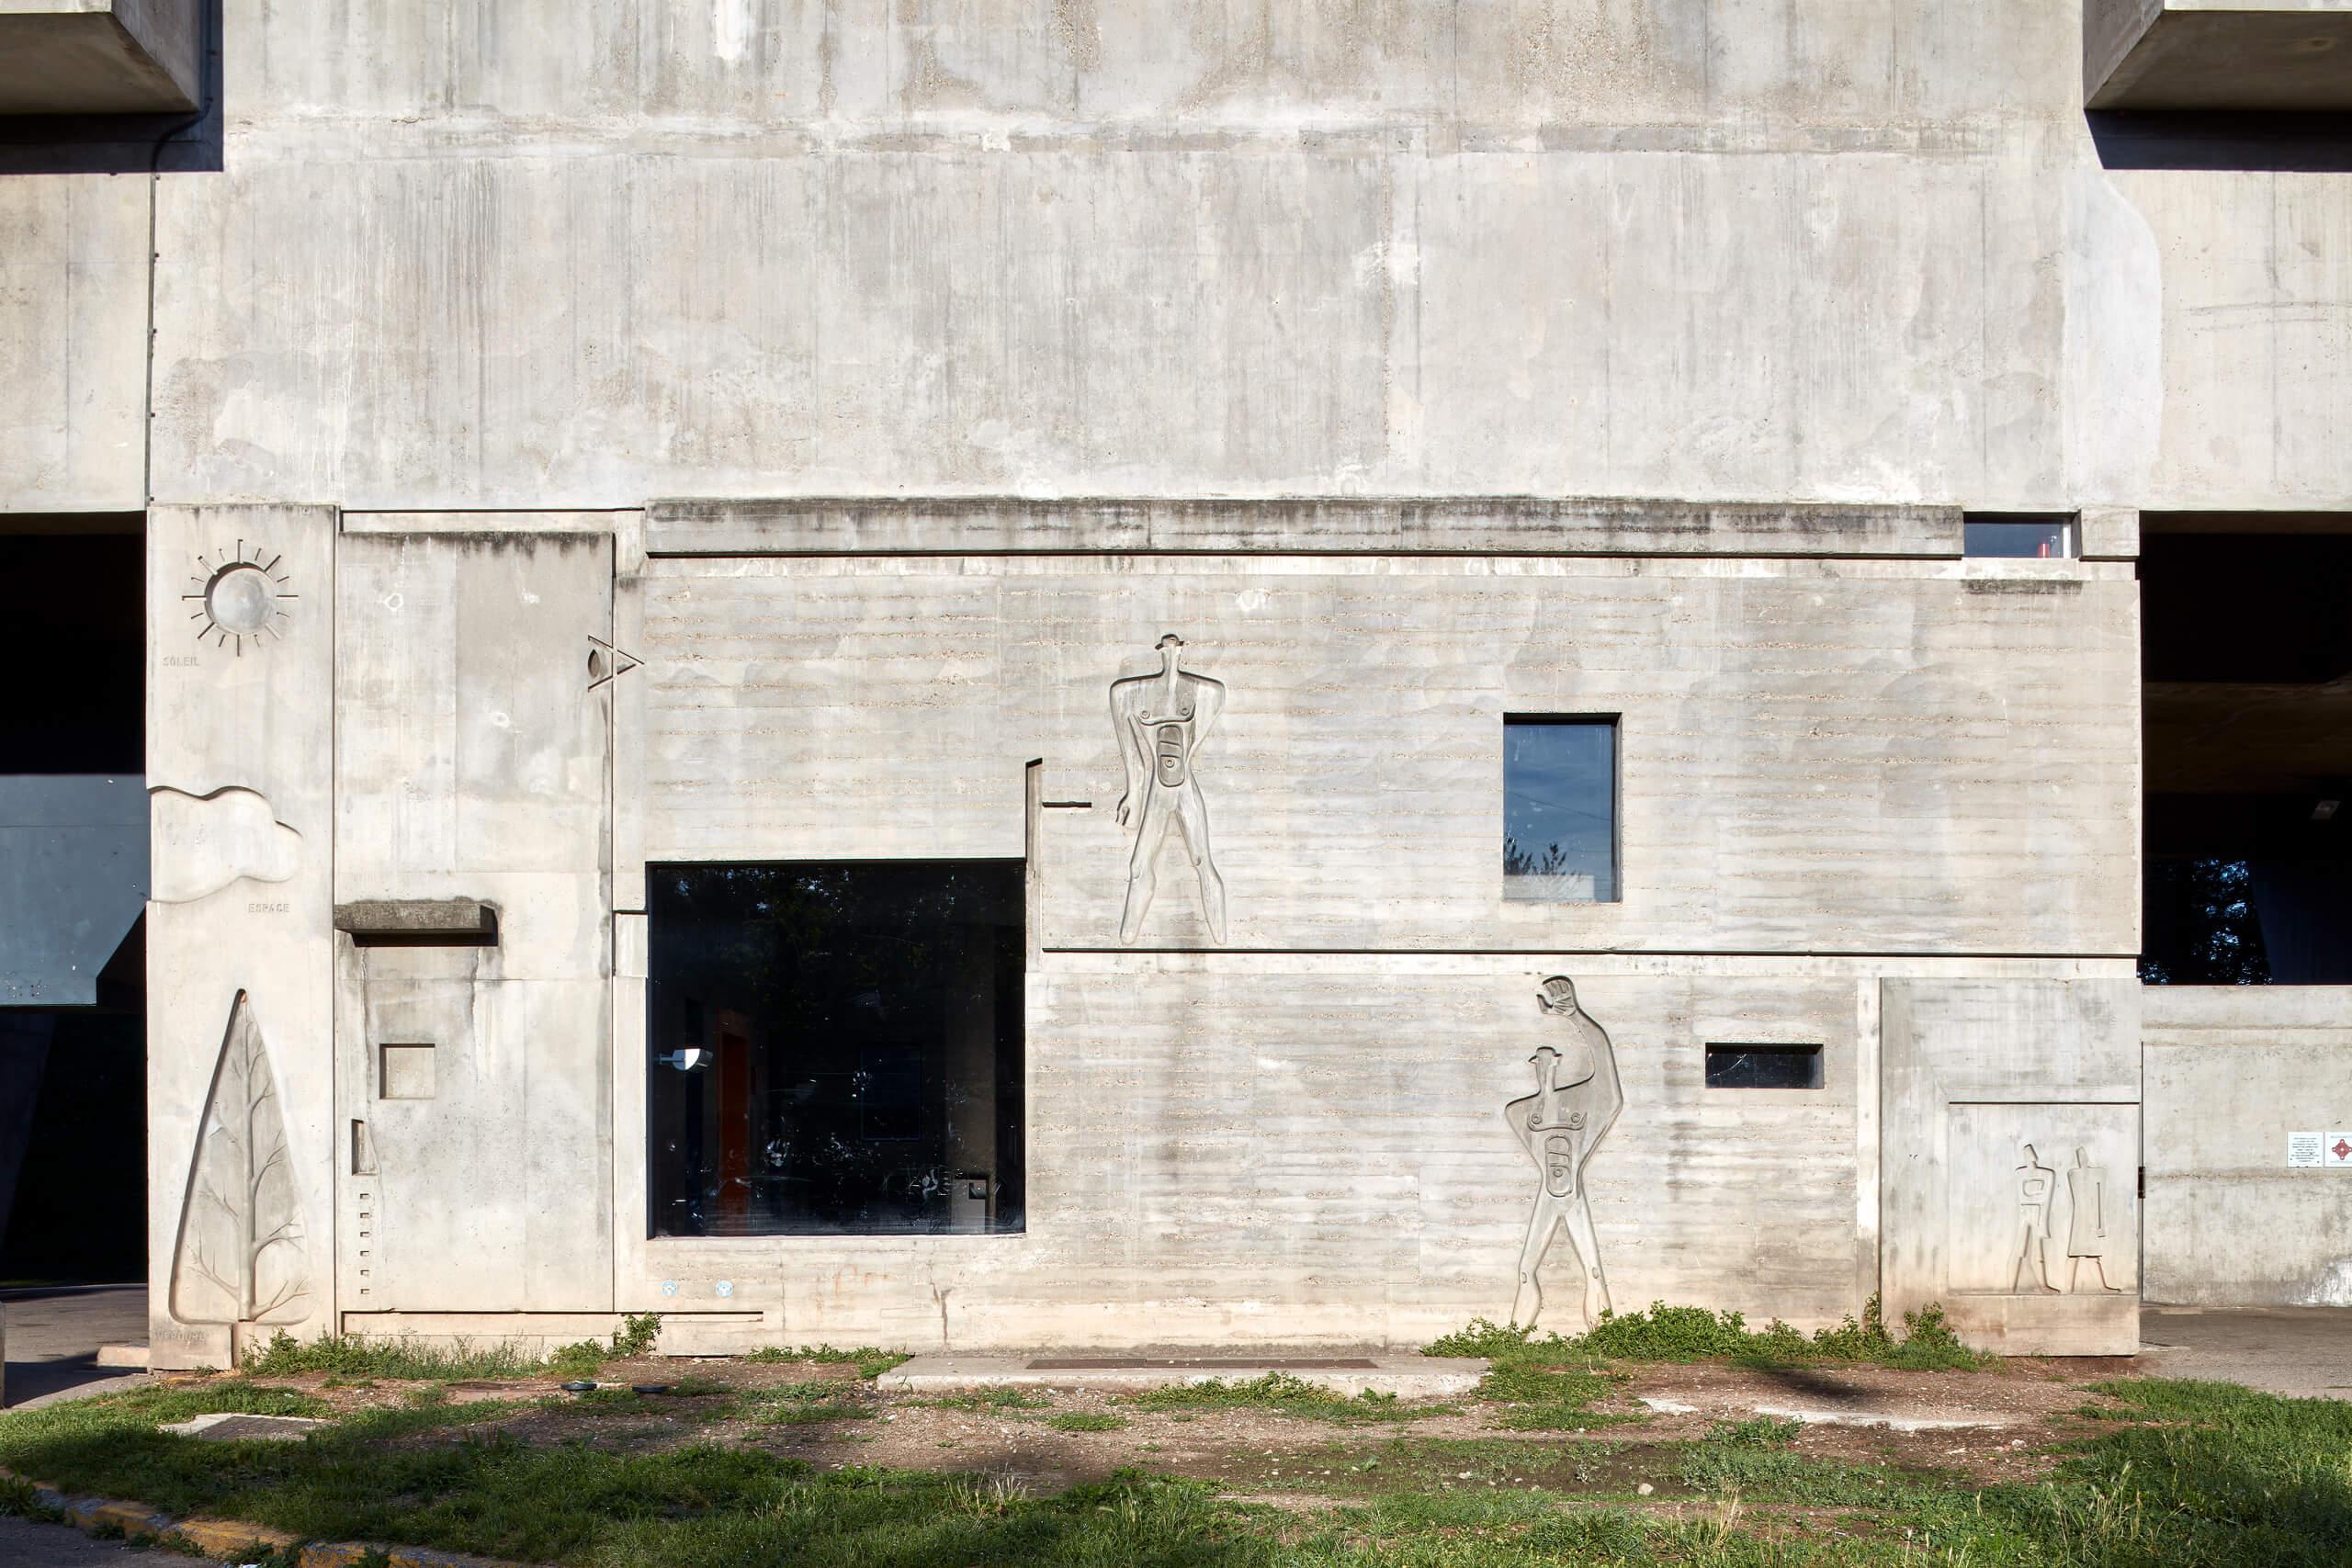 Federico_Covre_Unité_Firminy_Le_Corbusier_2018_19